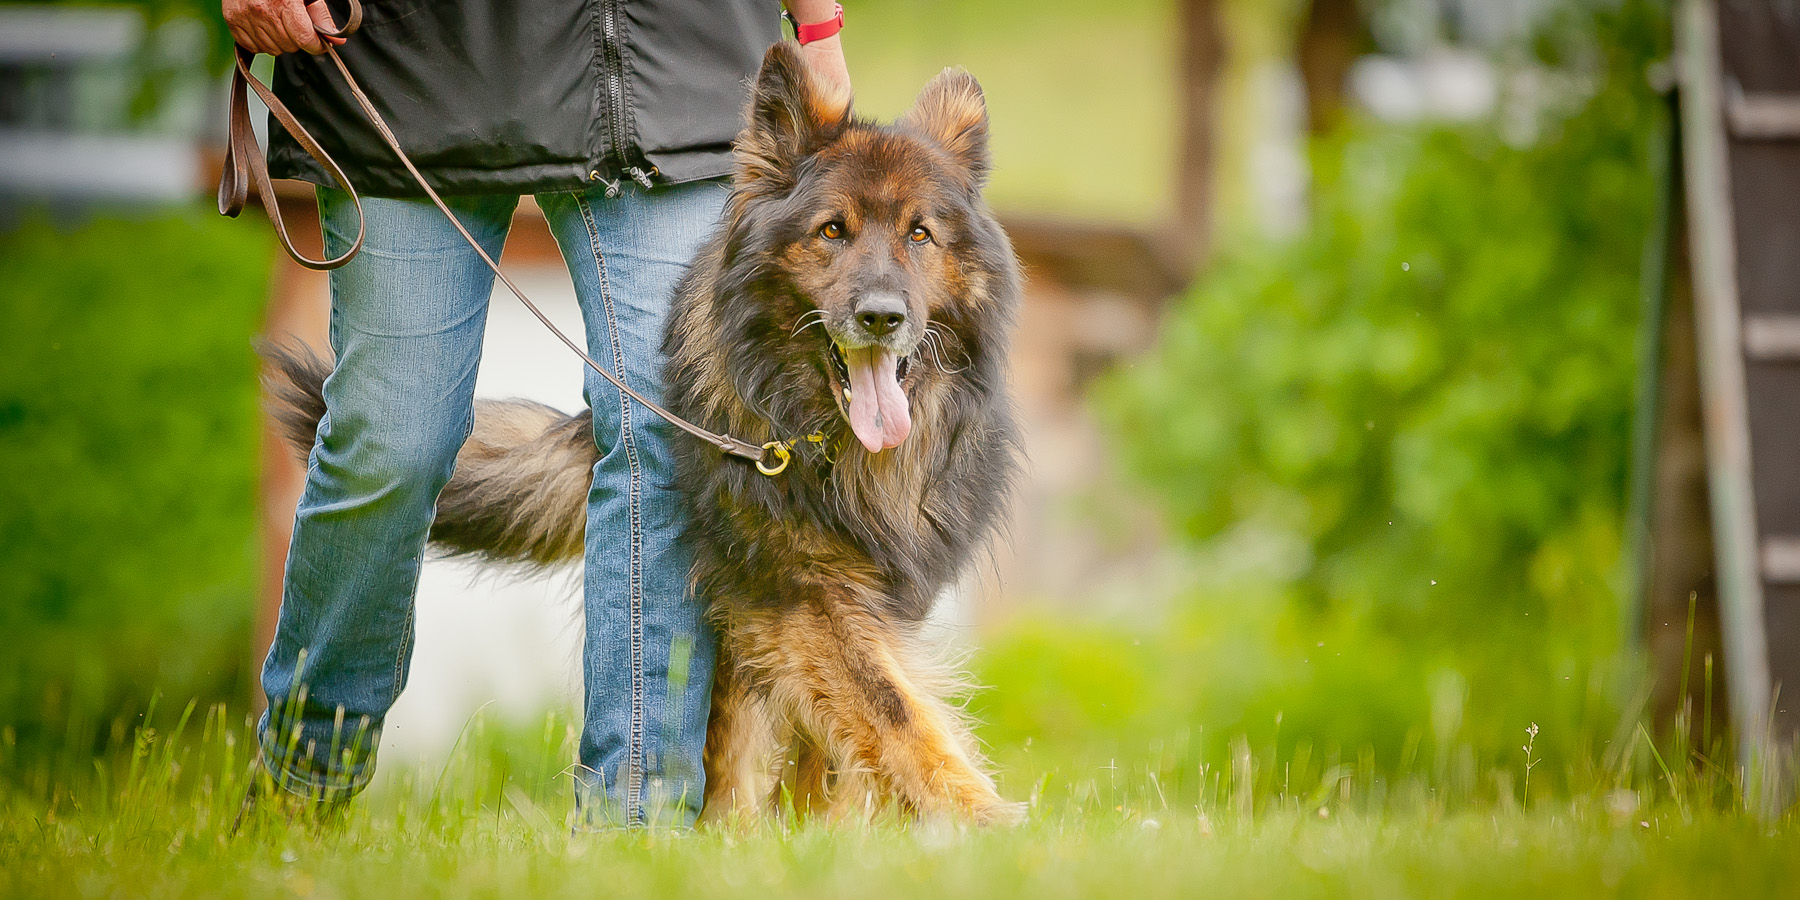 Die Tierarztpraxis Grath bietet auch eine Hundeschule an, bei der an einem offenen Hundekurs im Bereich Sozial teilnehmen können